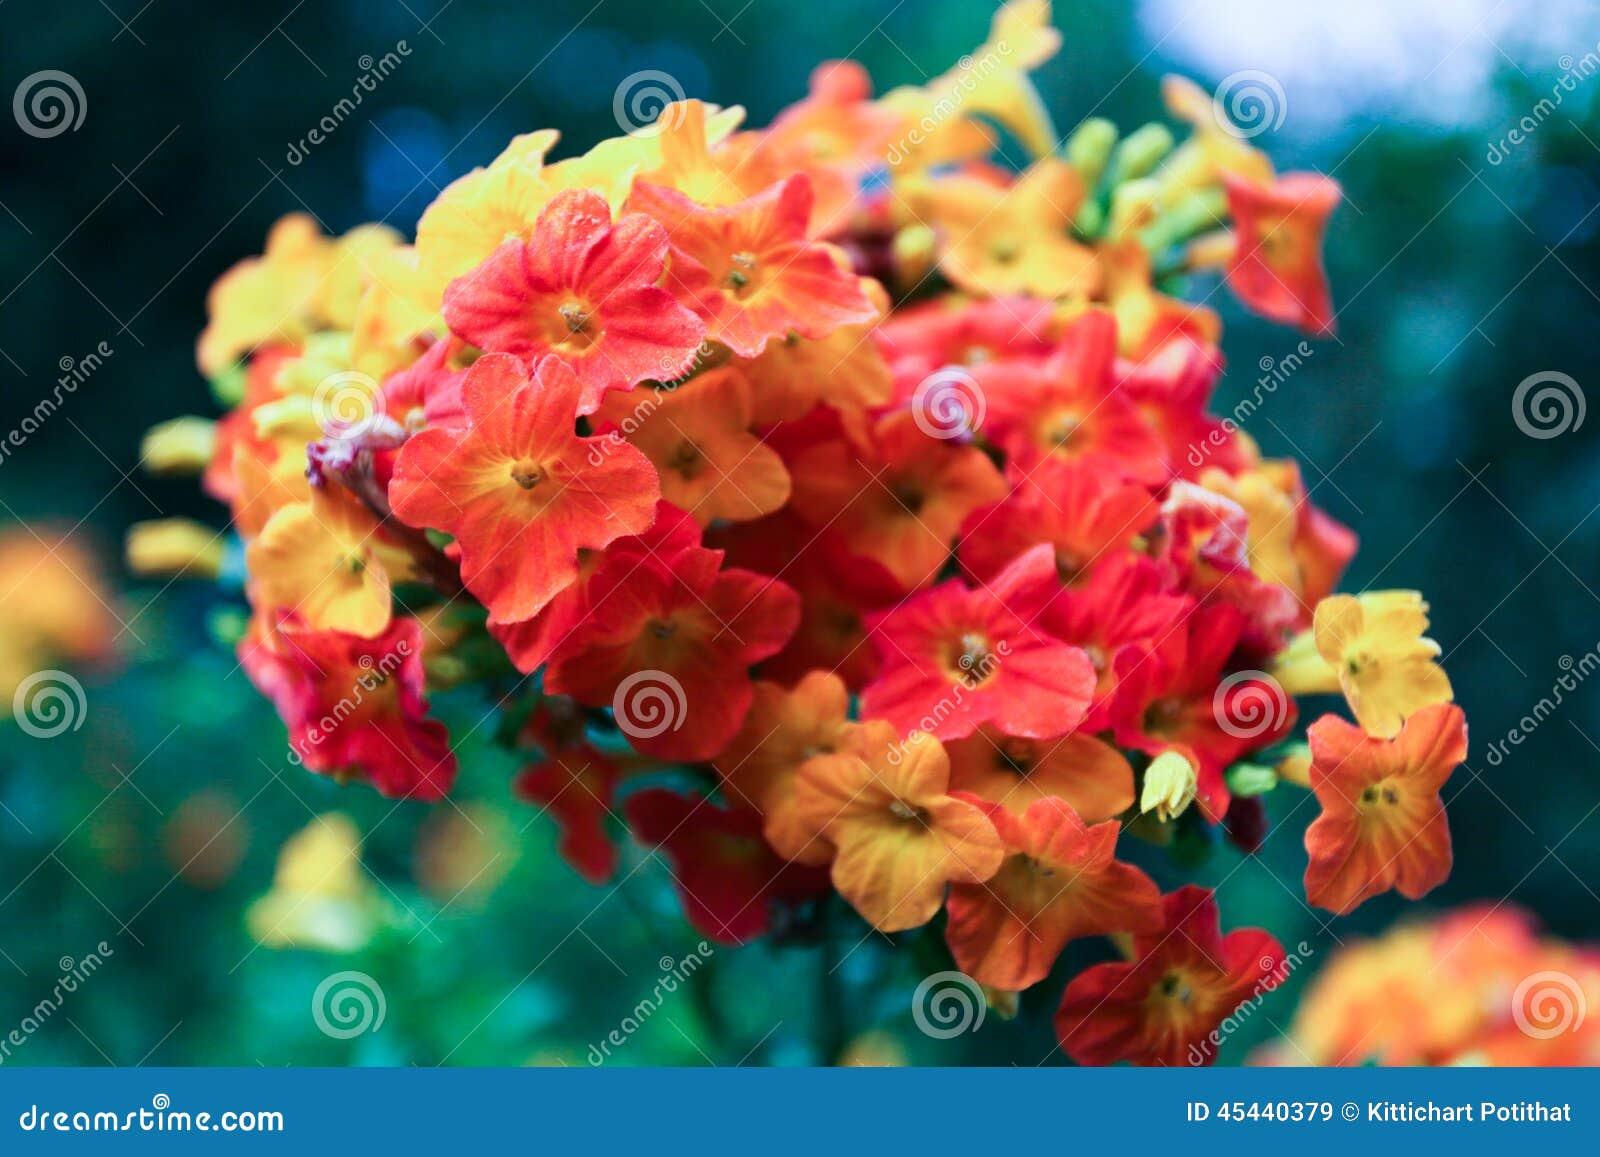 Download Belles Petites Fleurs Colorées Image stock , Image du coloré,  fleurs 45440379